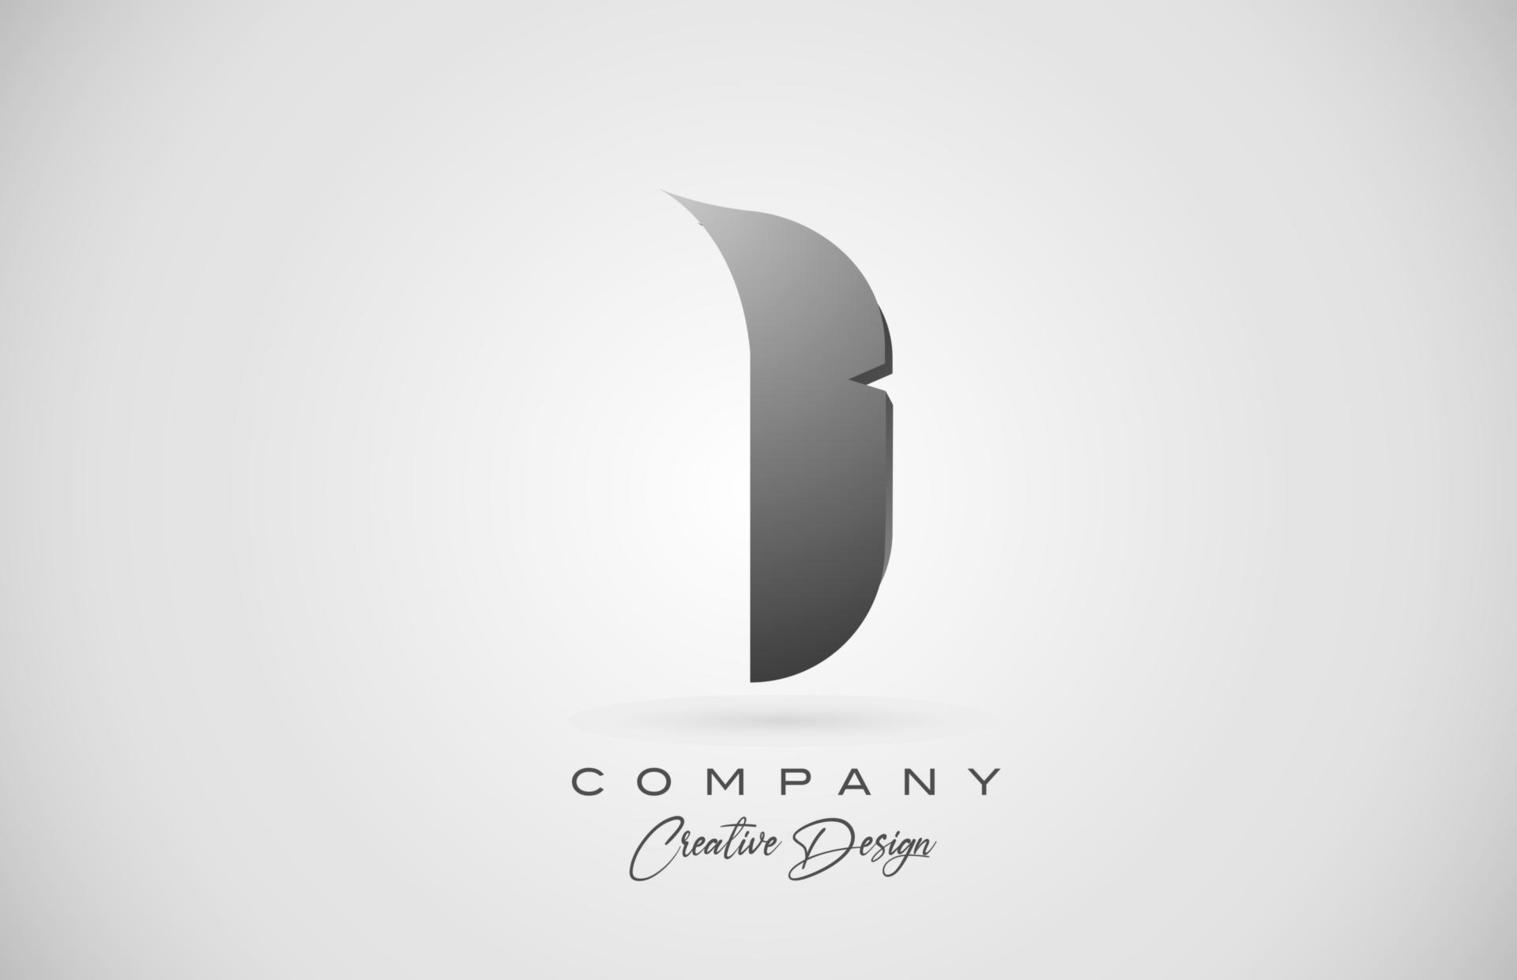 letra do alfabeto i logotipo do ícone em gradiente preto. design criativo para negócios e empresa vetor